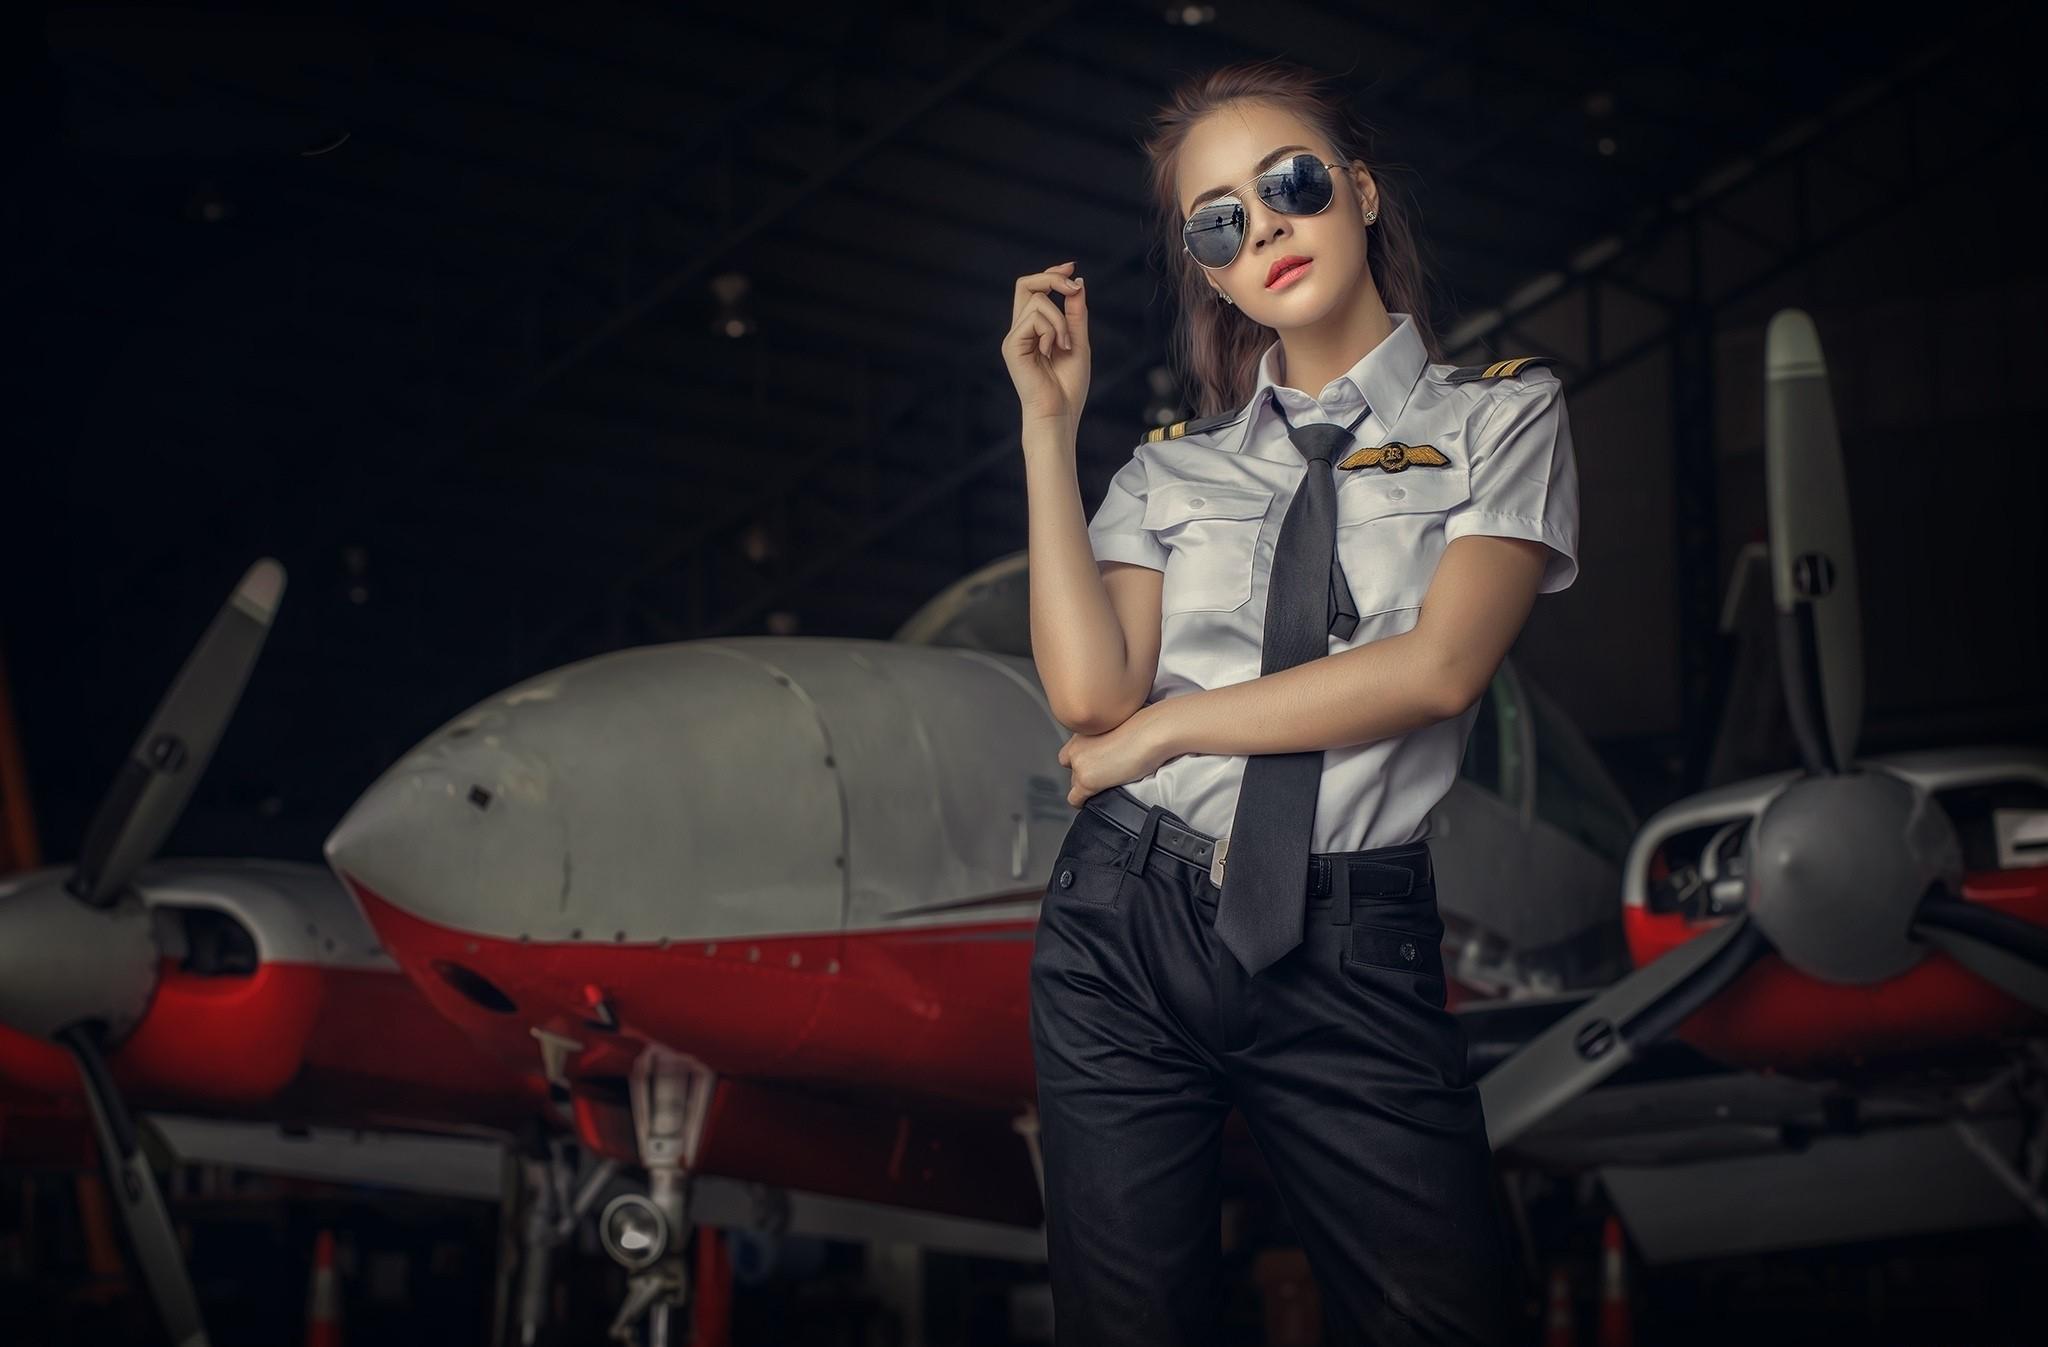 Профессия пилота: особенности романтичной профессии